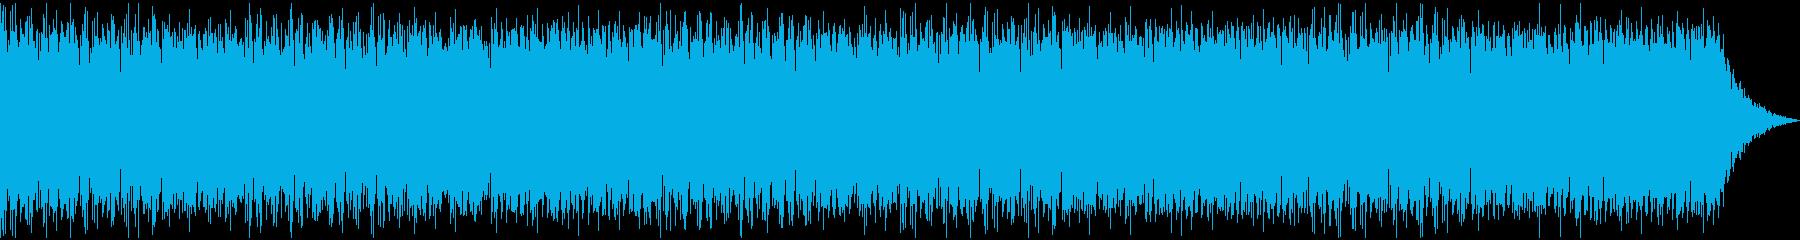 賑やかなケルト音楽の再生済みの波形